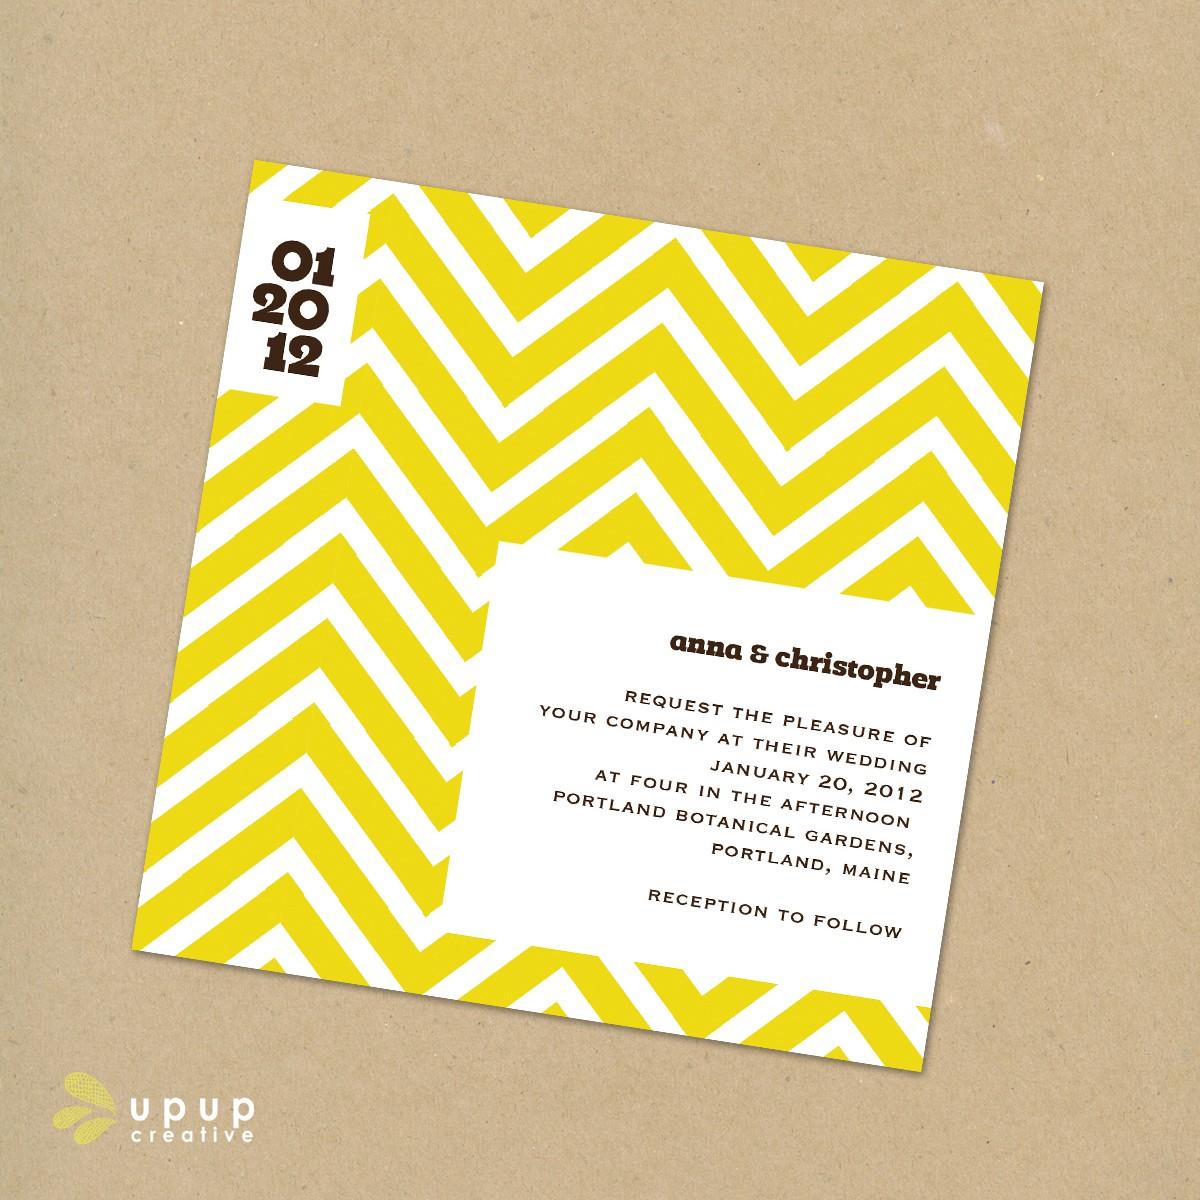 yellow gray wedding invitation kit wedding invitation kit Wedding Invitation Kits Blue And Yellow Inspiring